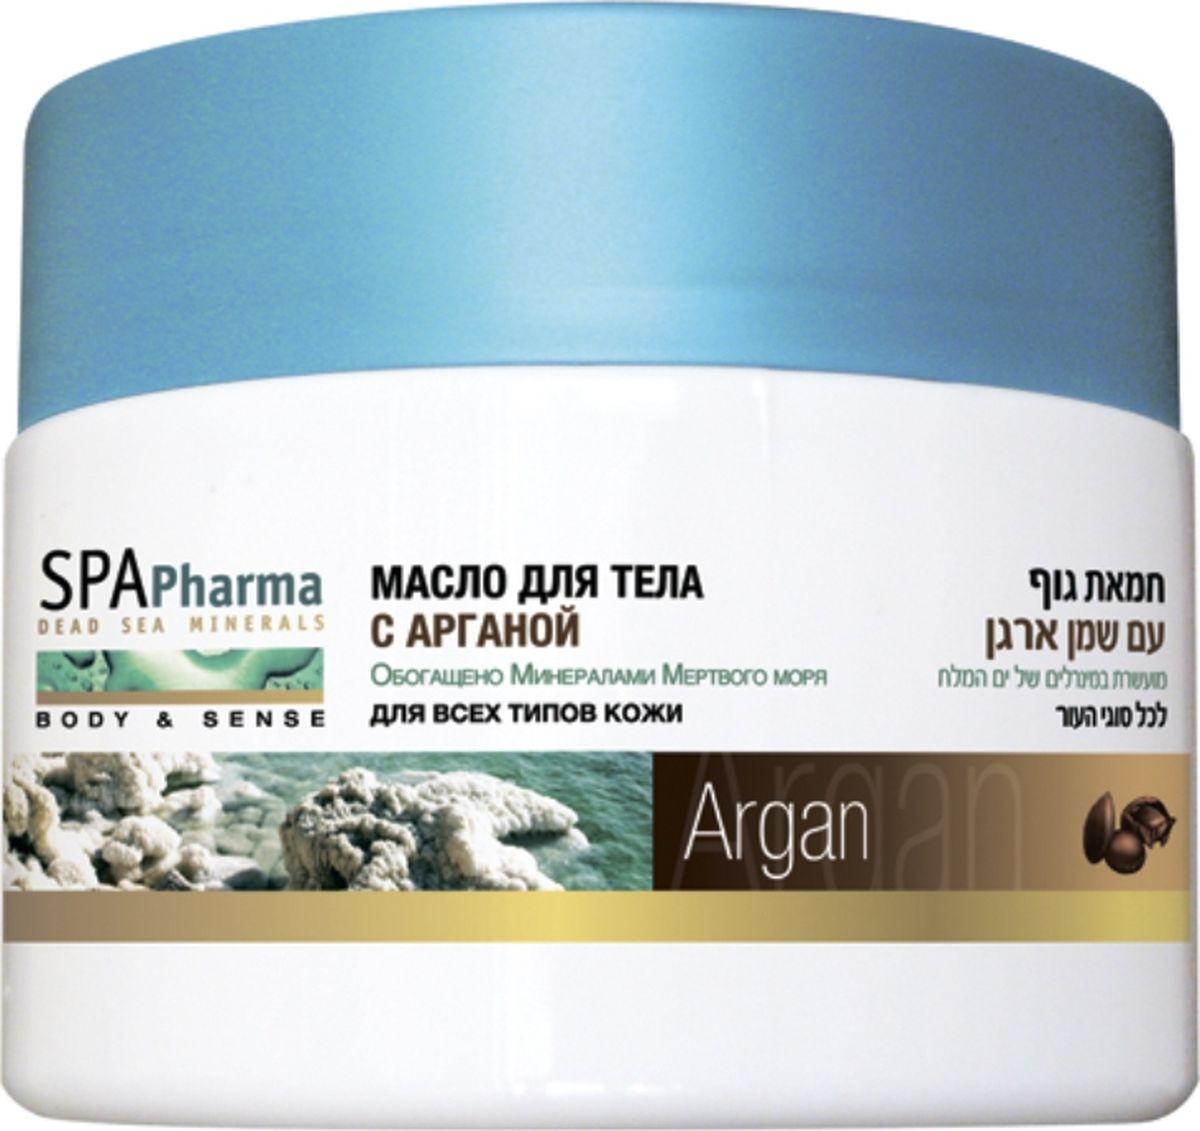 Spa Pharma Масло для тела с арганой для всех типов кожи (антивозрастное), Spa Pharma 350 млSPh1493Масло арганы позволяет замедлить старение кожи и обладает противовоспалительным эффектом; тонизирует, обновляет и омолаживает, позволяя сохранить красоту кожи в течение длительного времени.Подходит для ежедневного использования, не липкое и без жирной пленки.